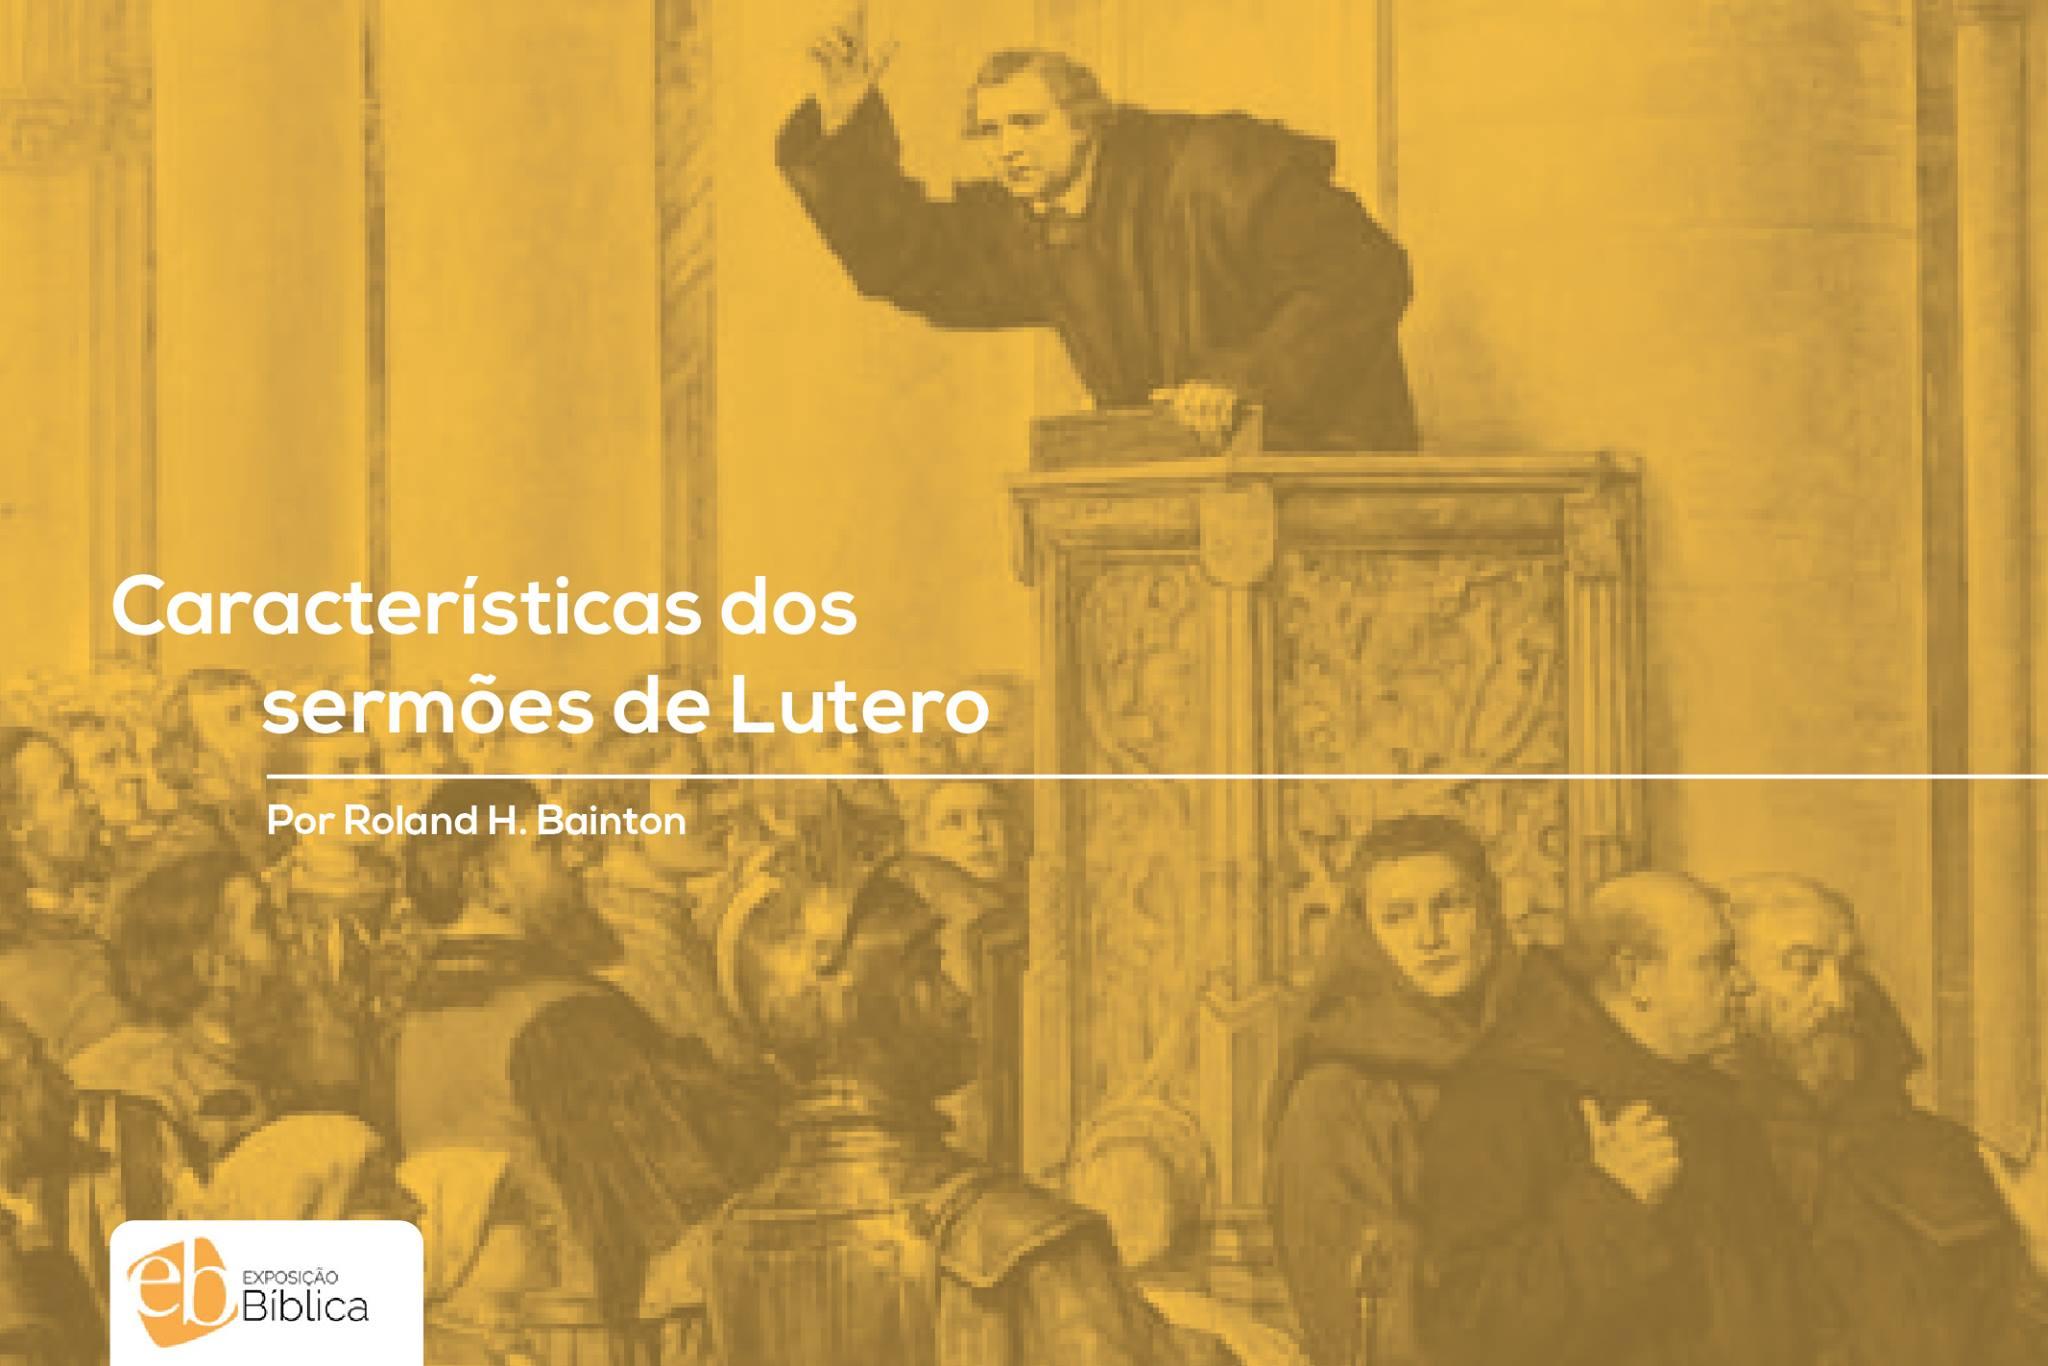 Características dos sermões de Lutero